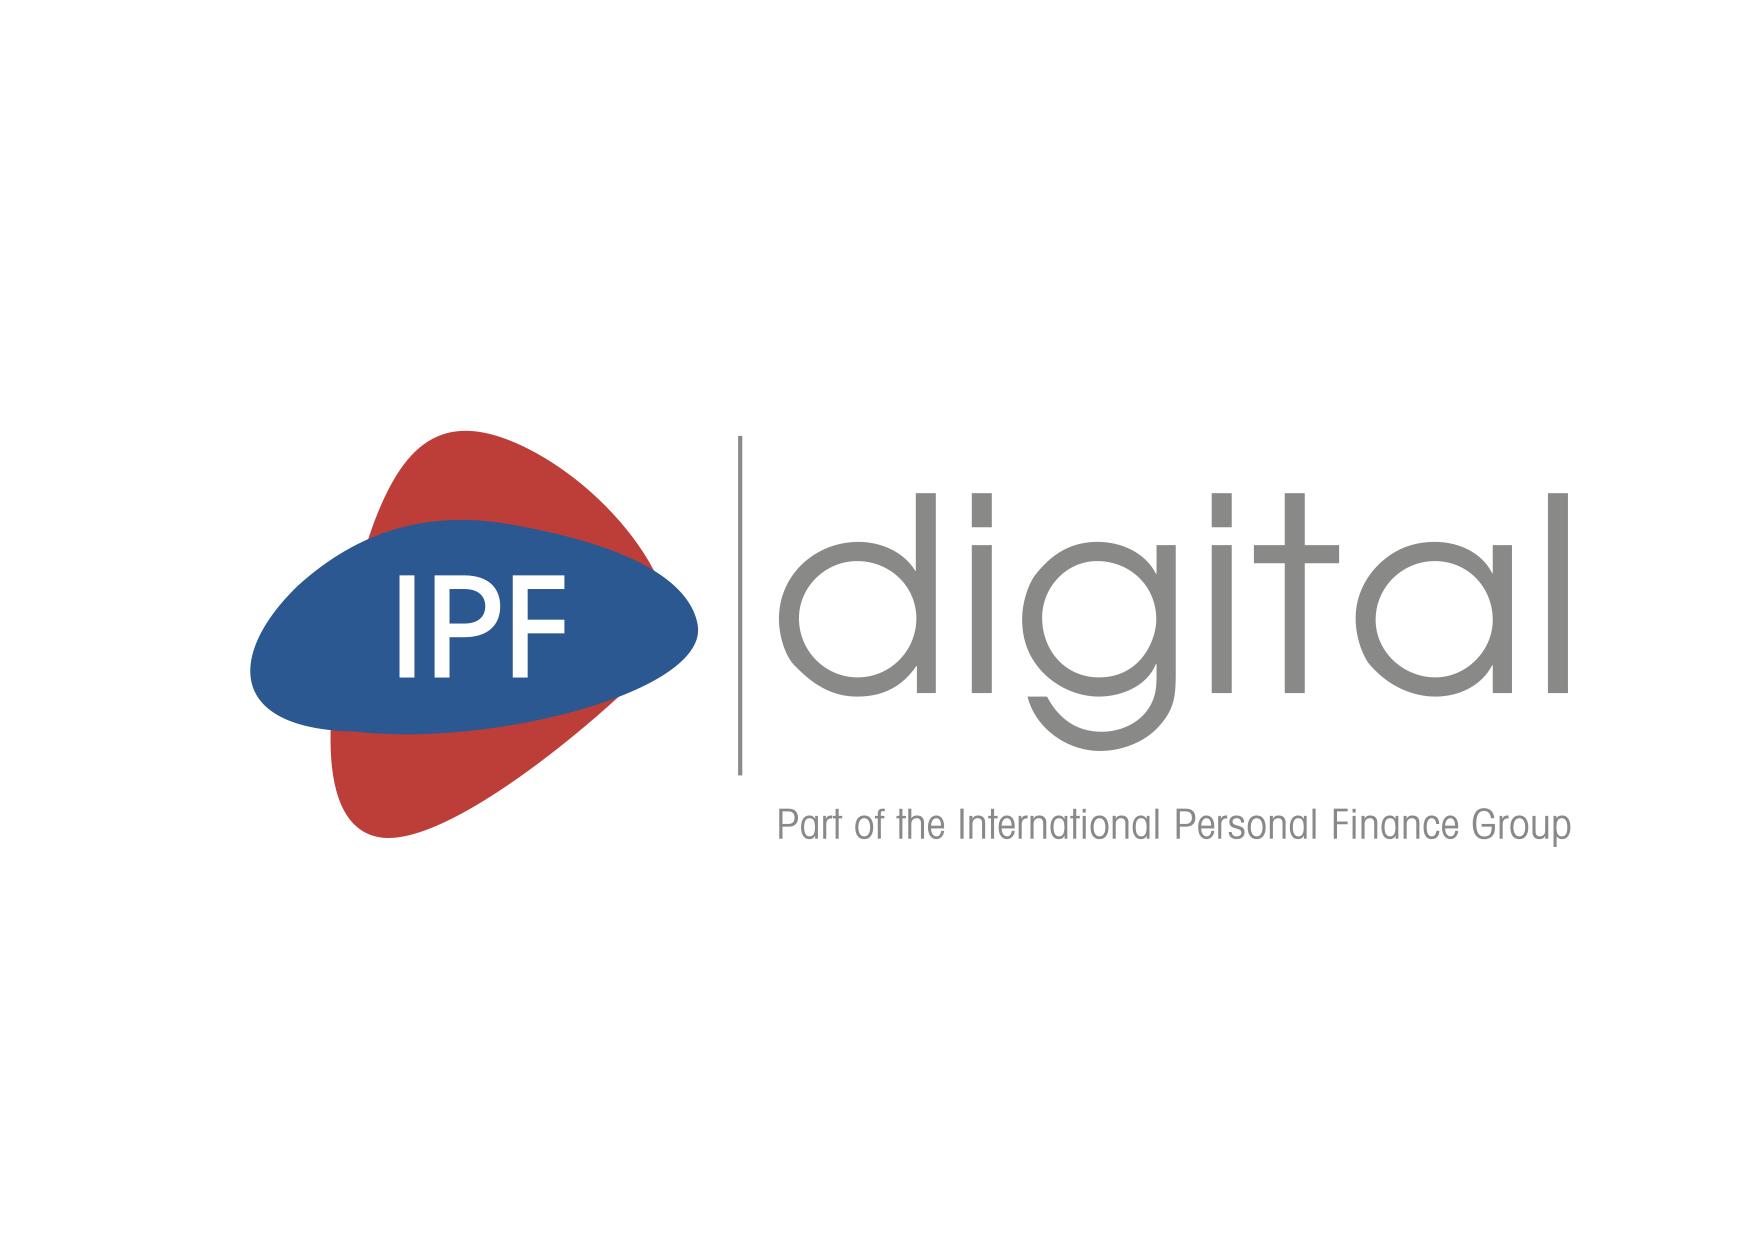 IPF new logo_Digital_final (2).jpg